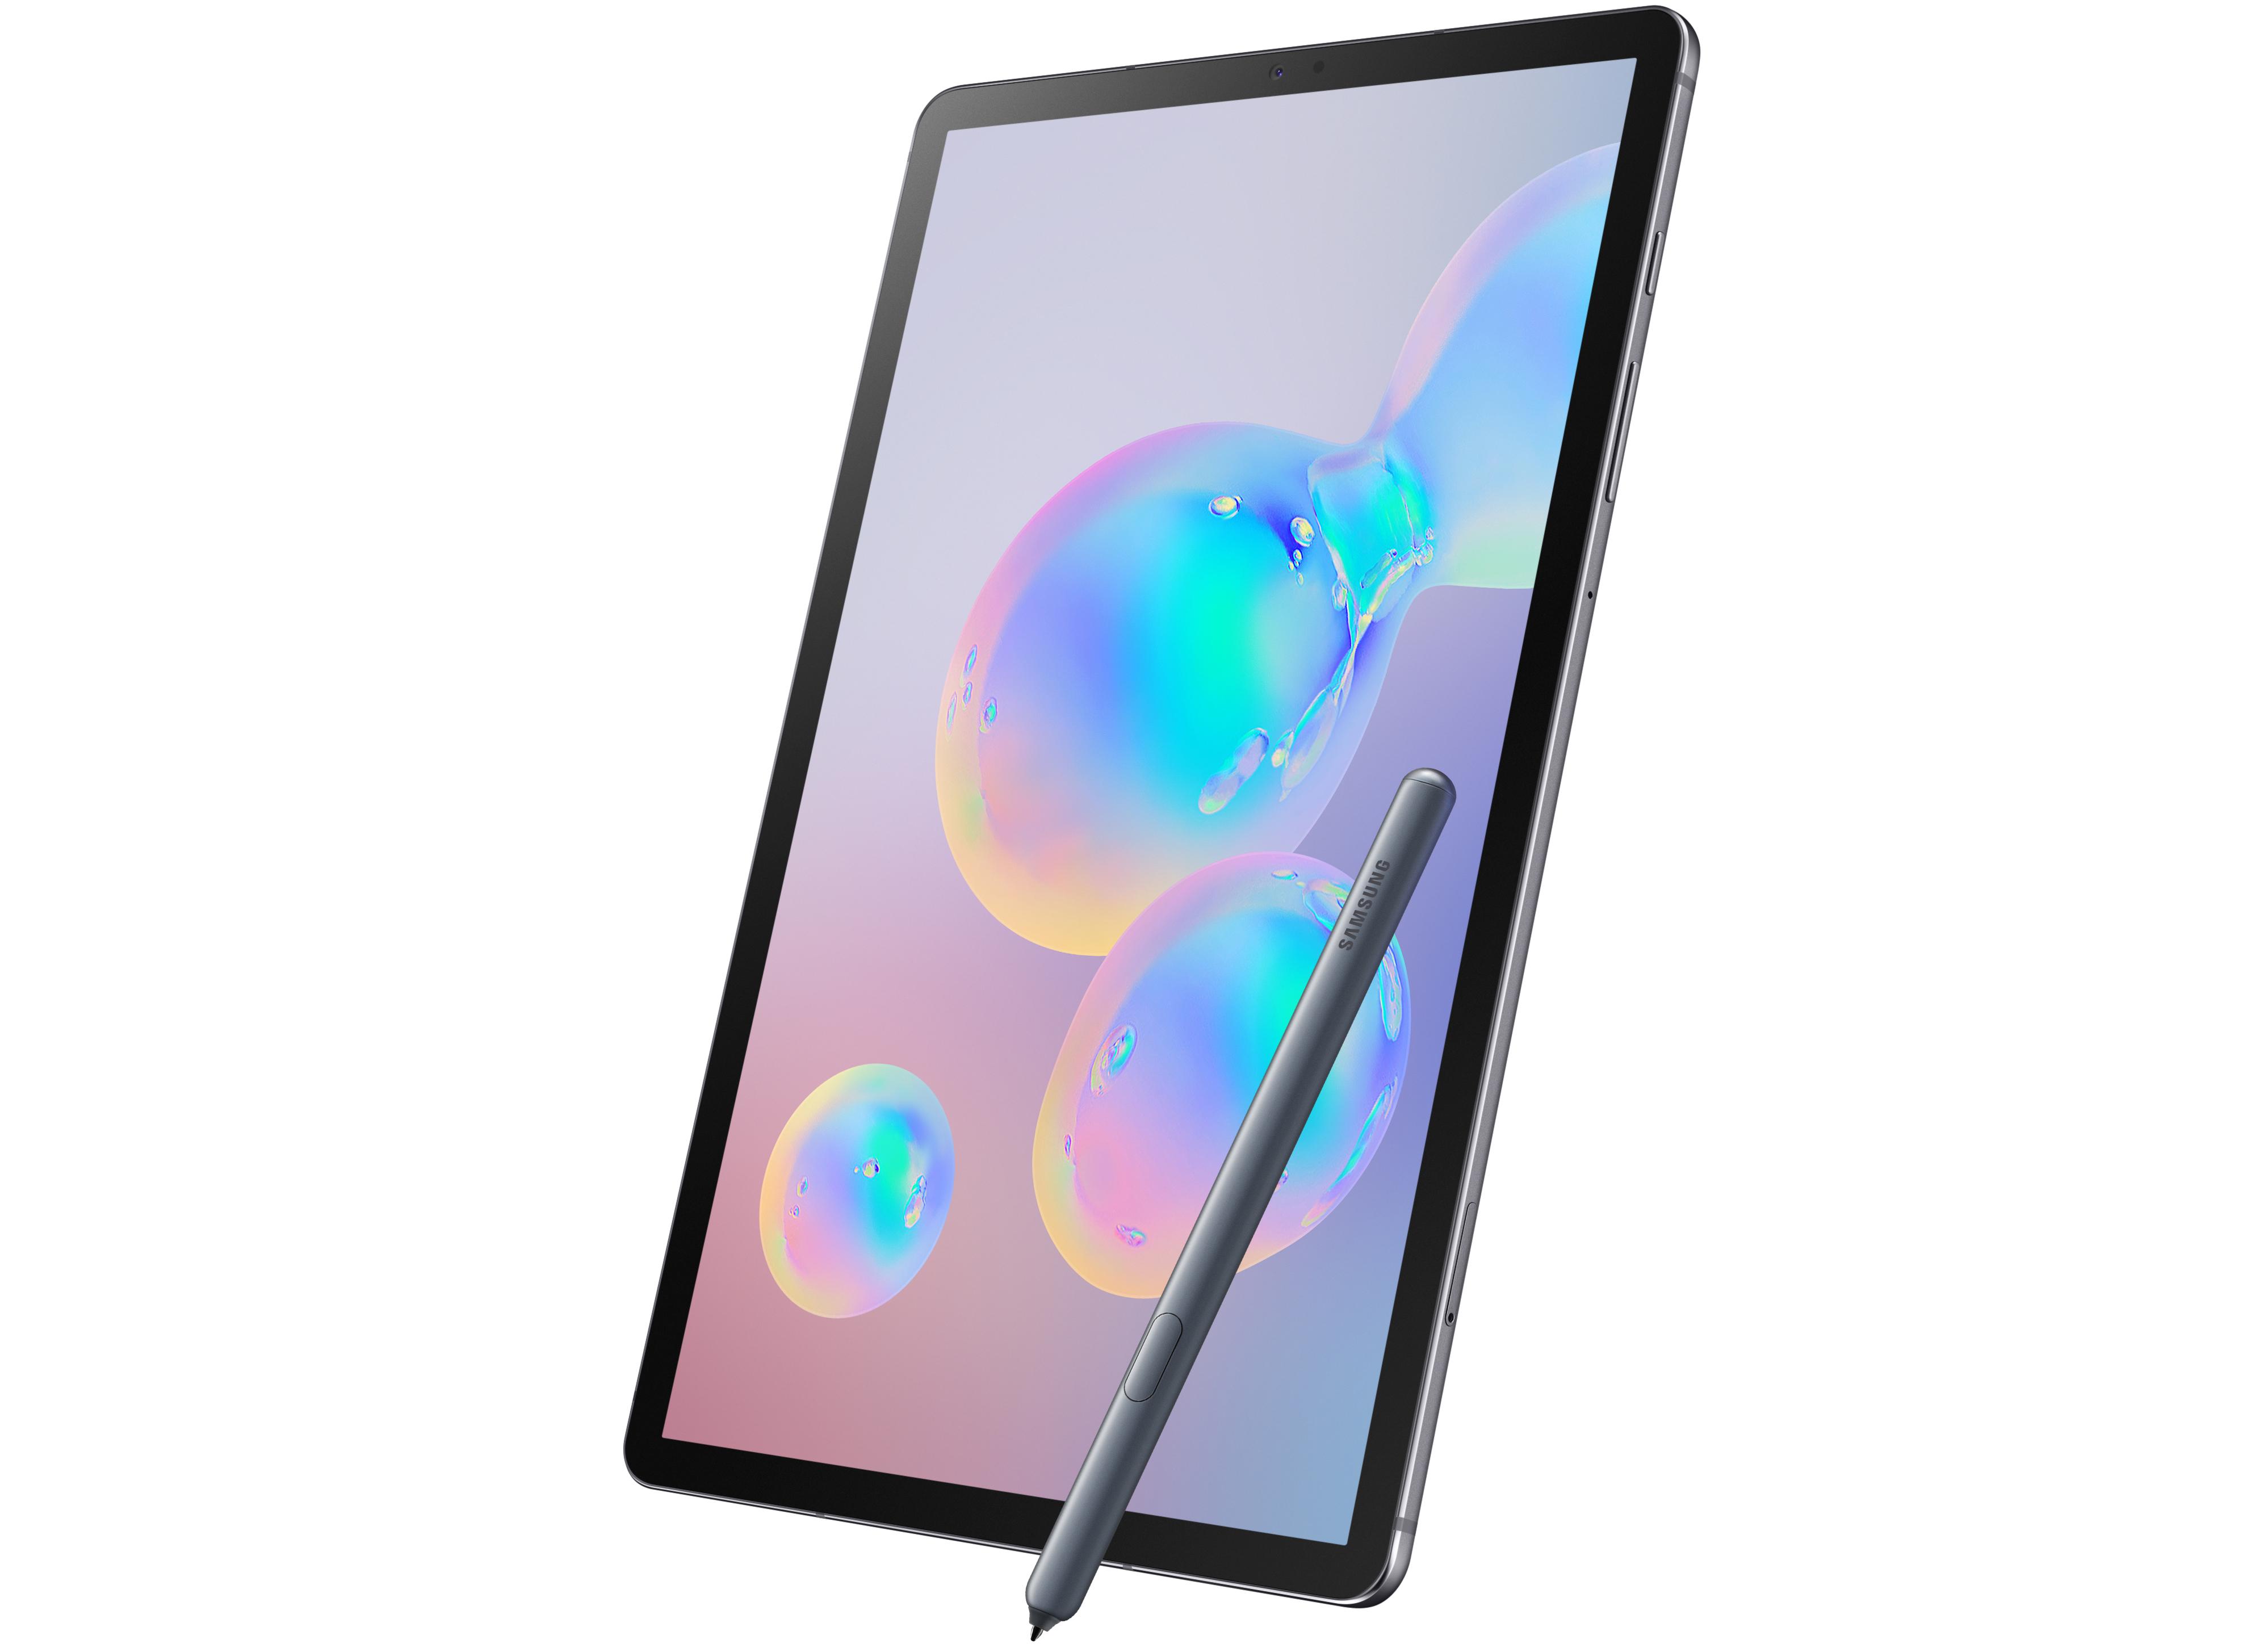 Samsung Introduces Galaxy Tab S6: 10 5-Inch AMOLED